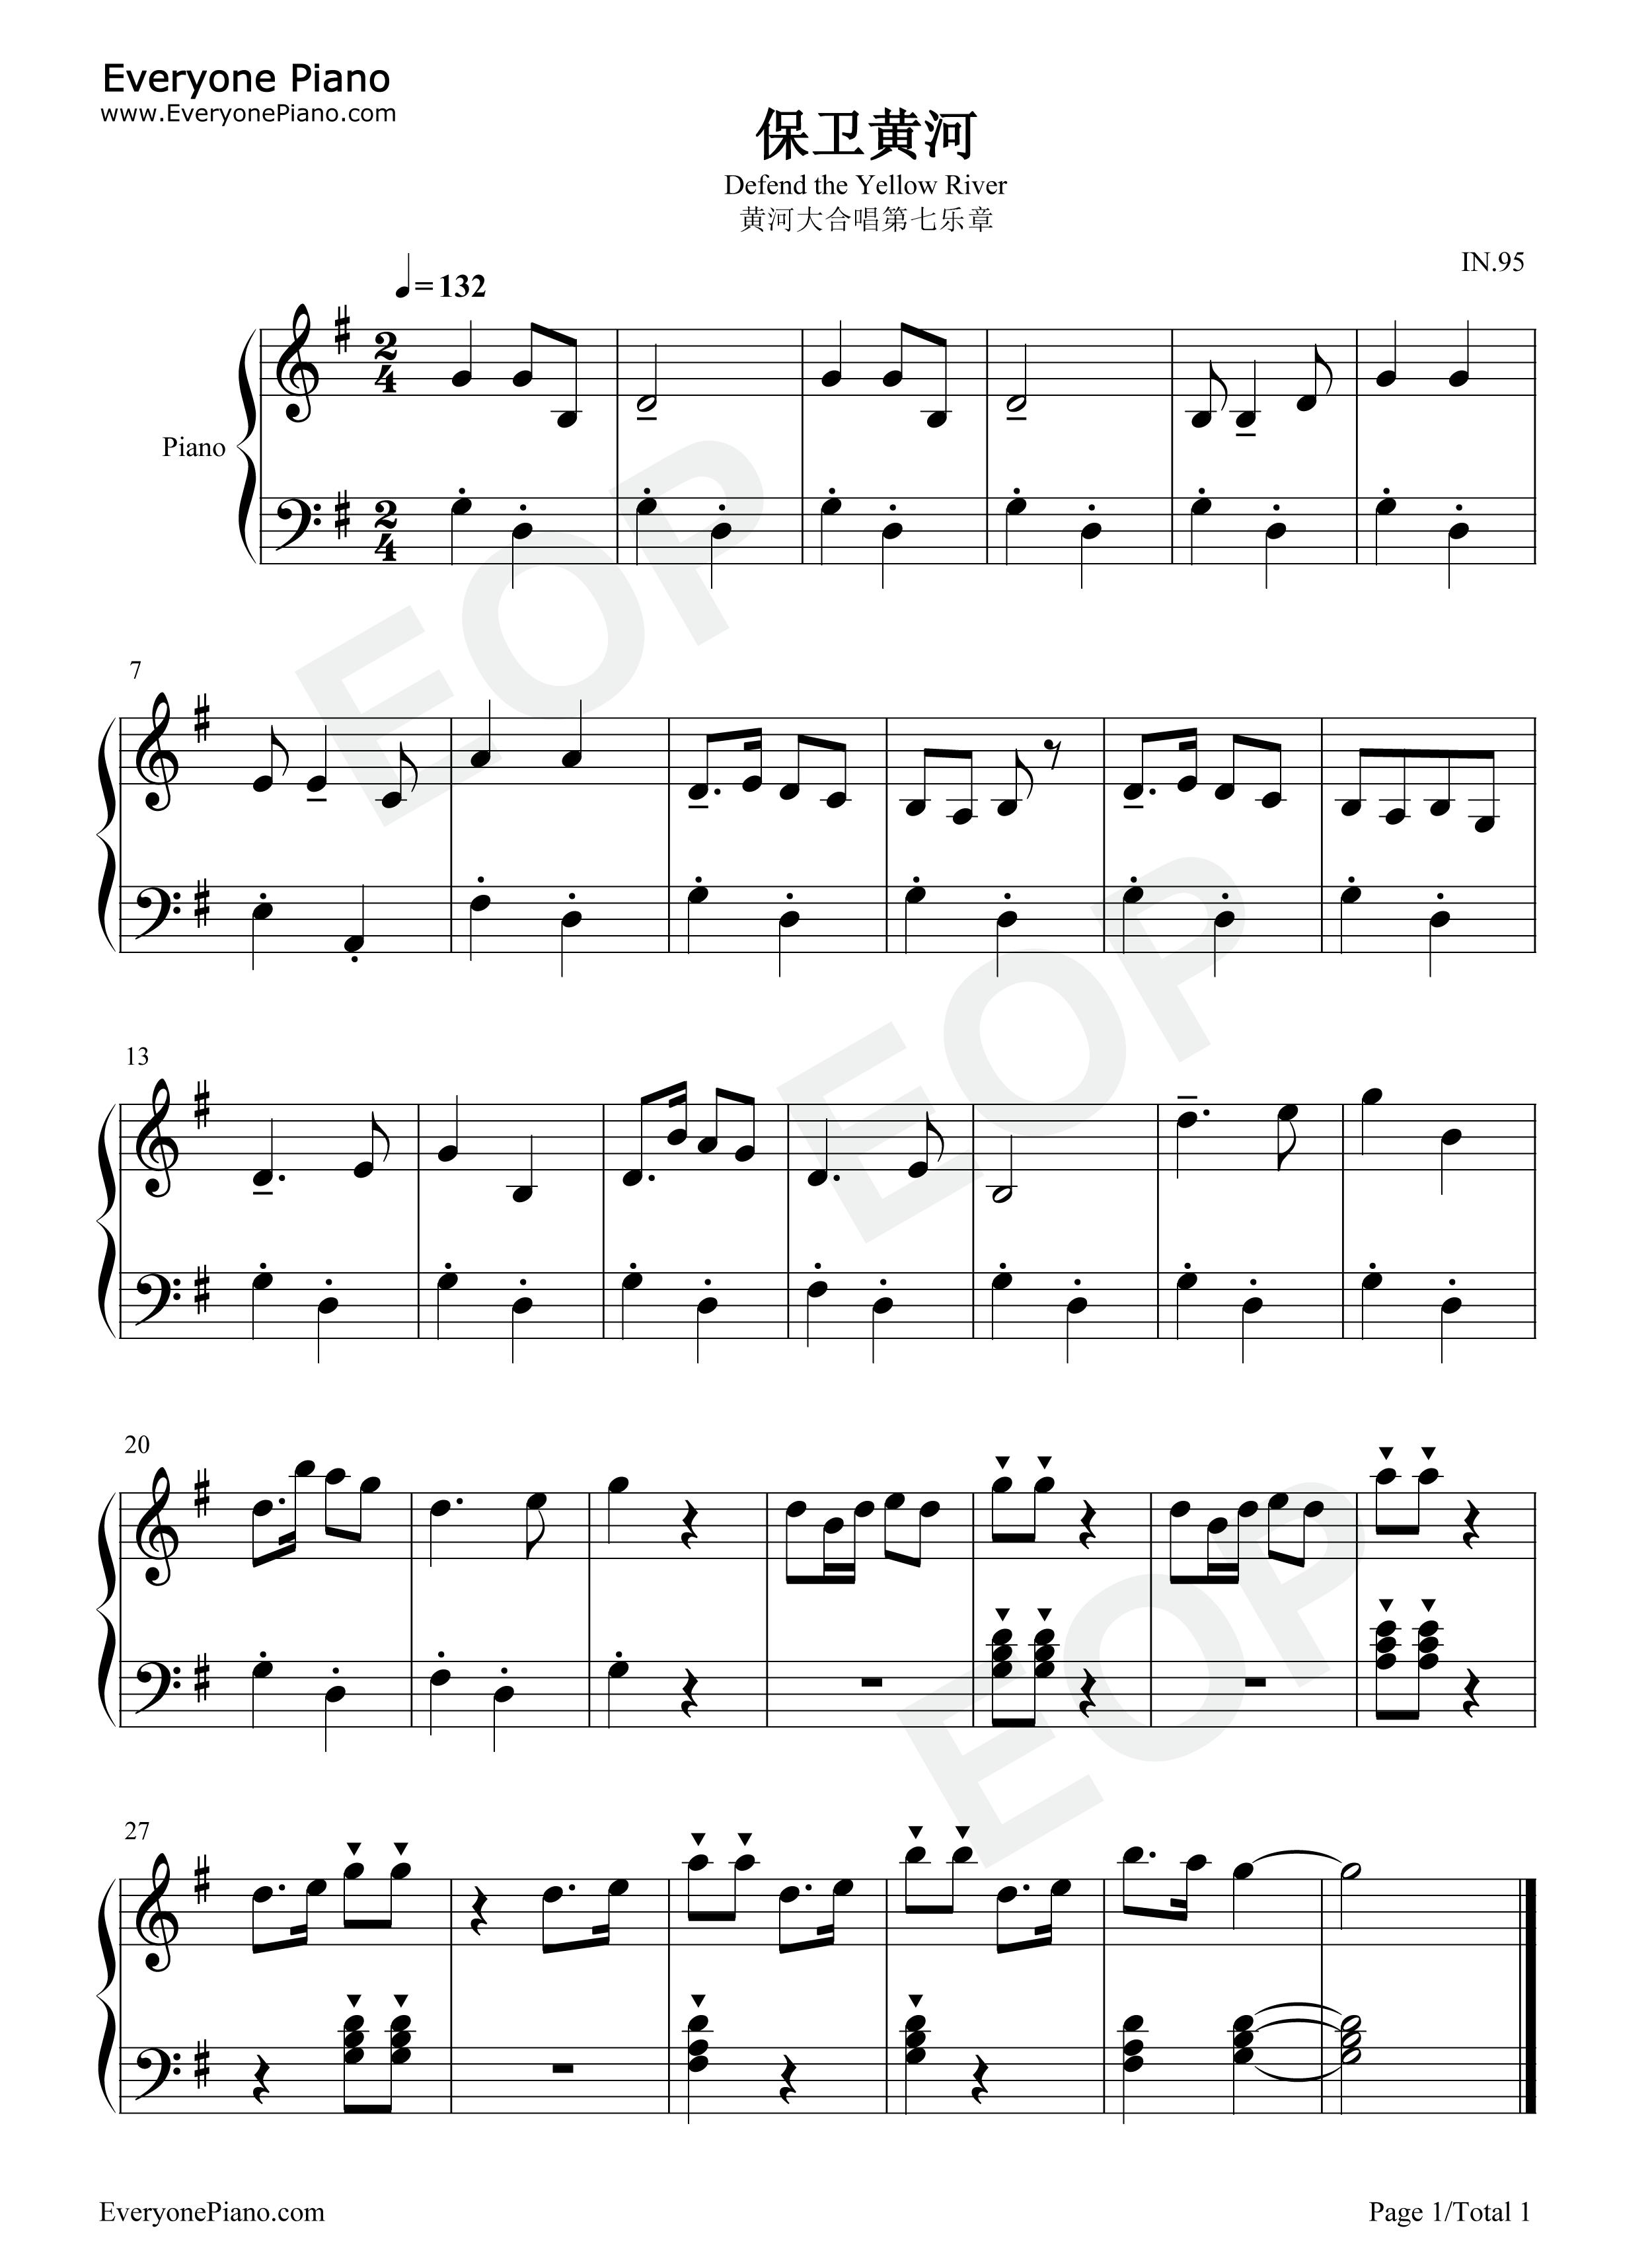 黄河大合唱合唱简谱-保卫黄河 古筝谱